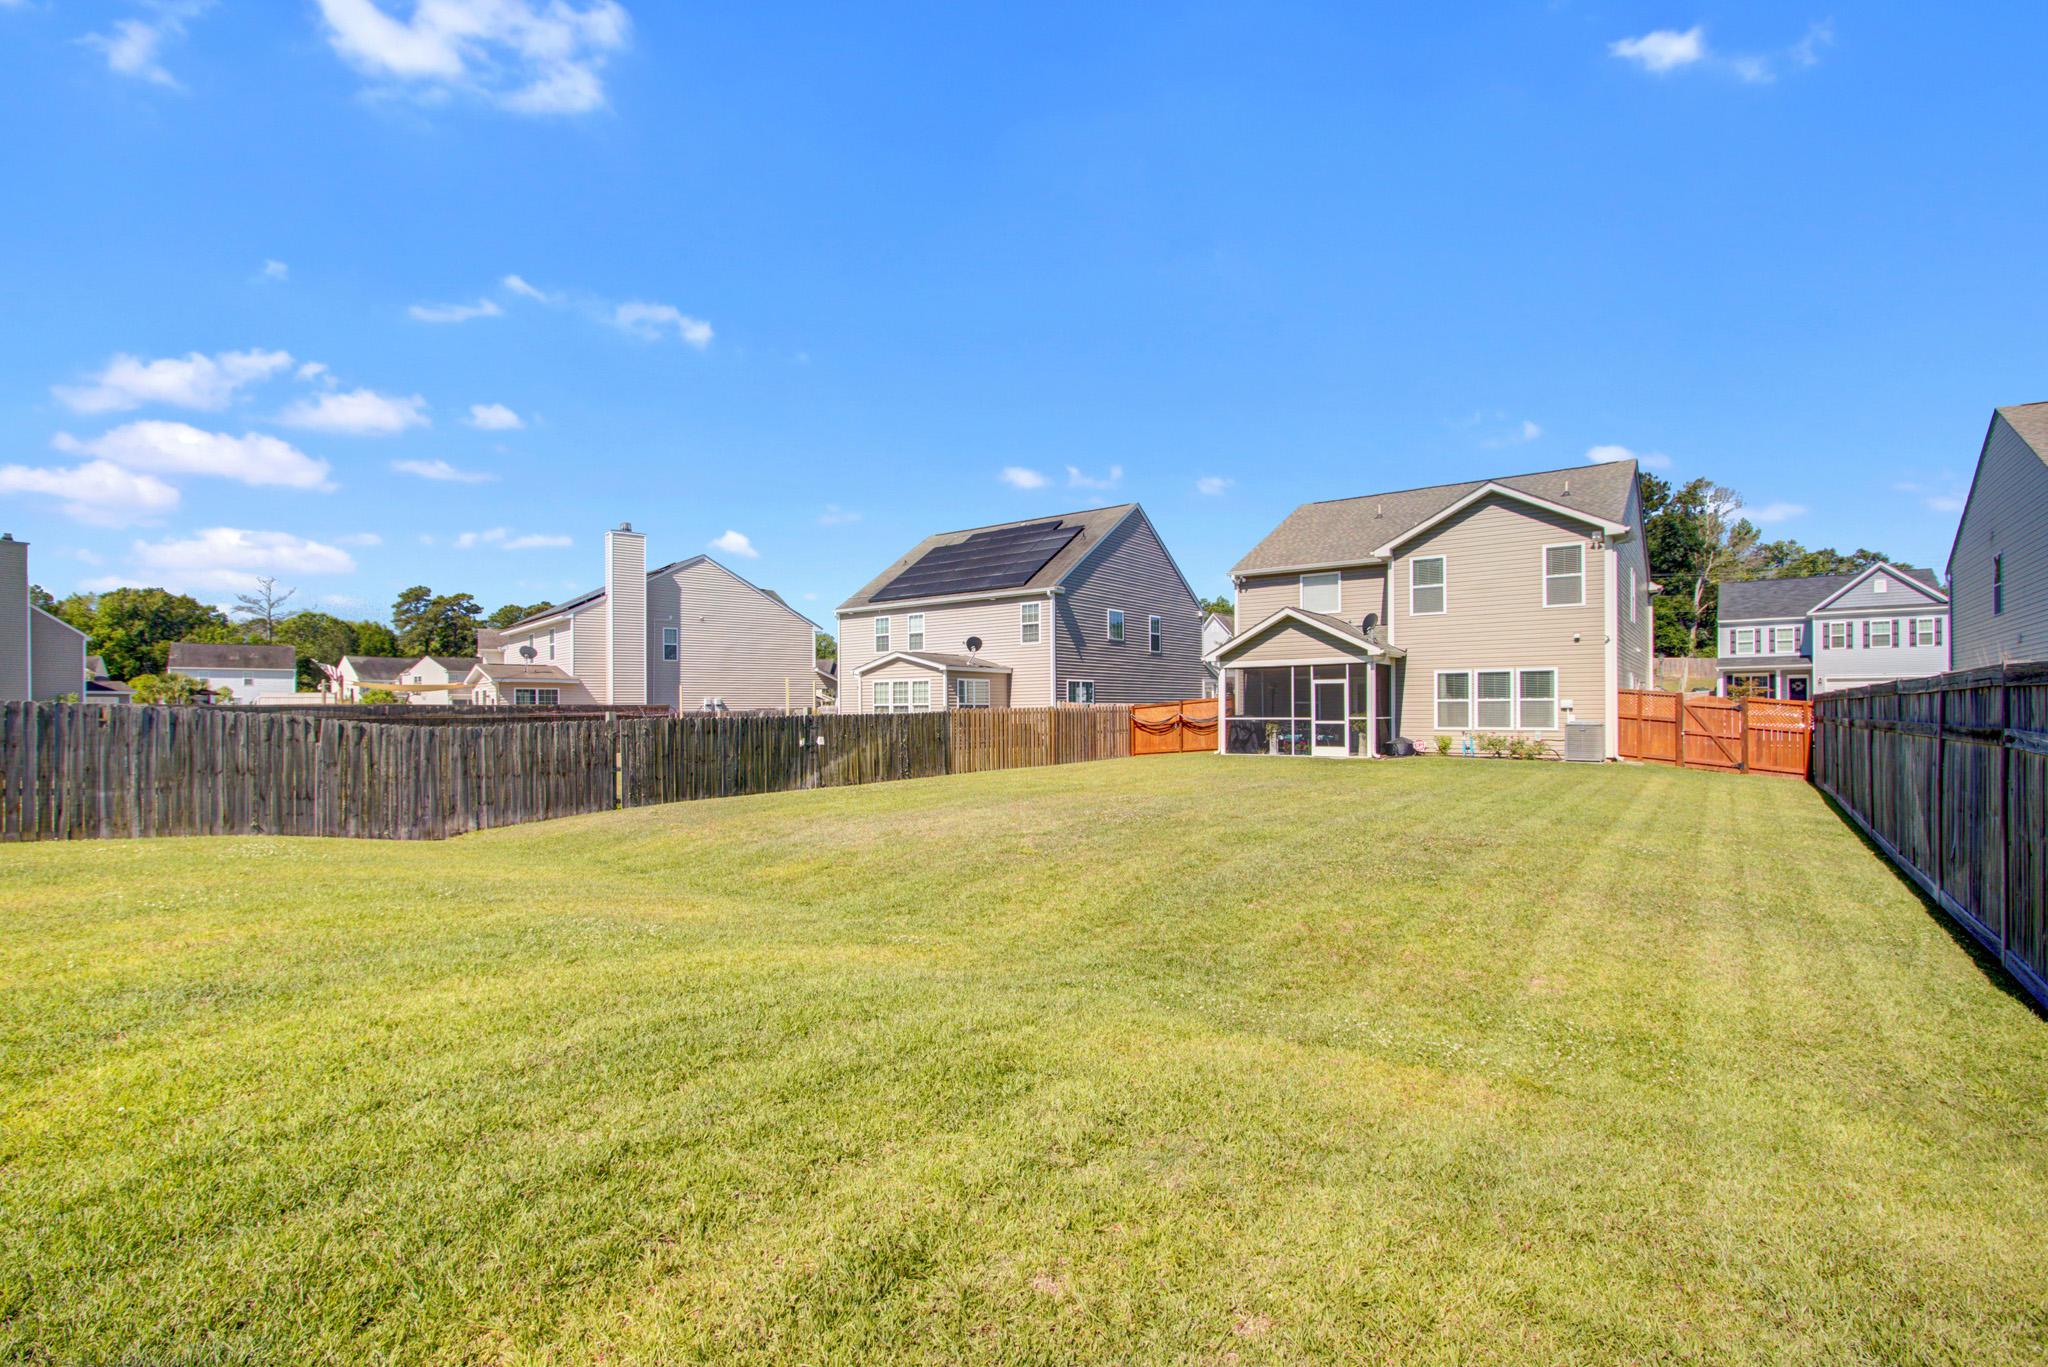 Sunnyfield Homes For Sale - 203 Medford, Summerville, SC - 2